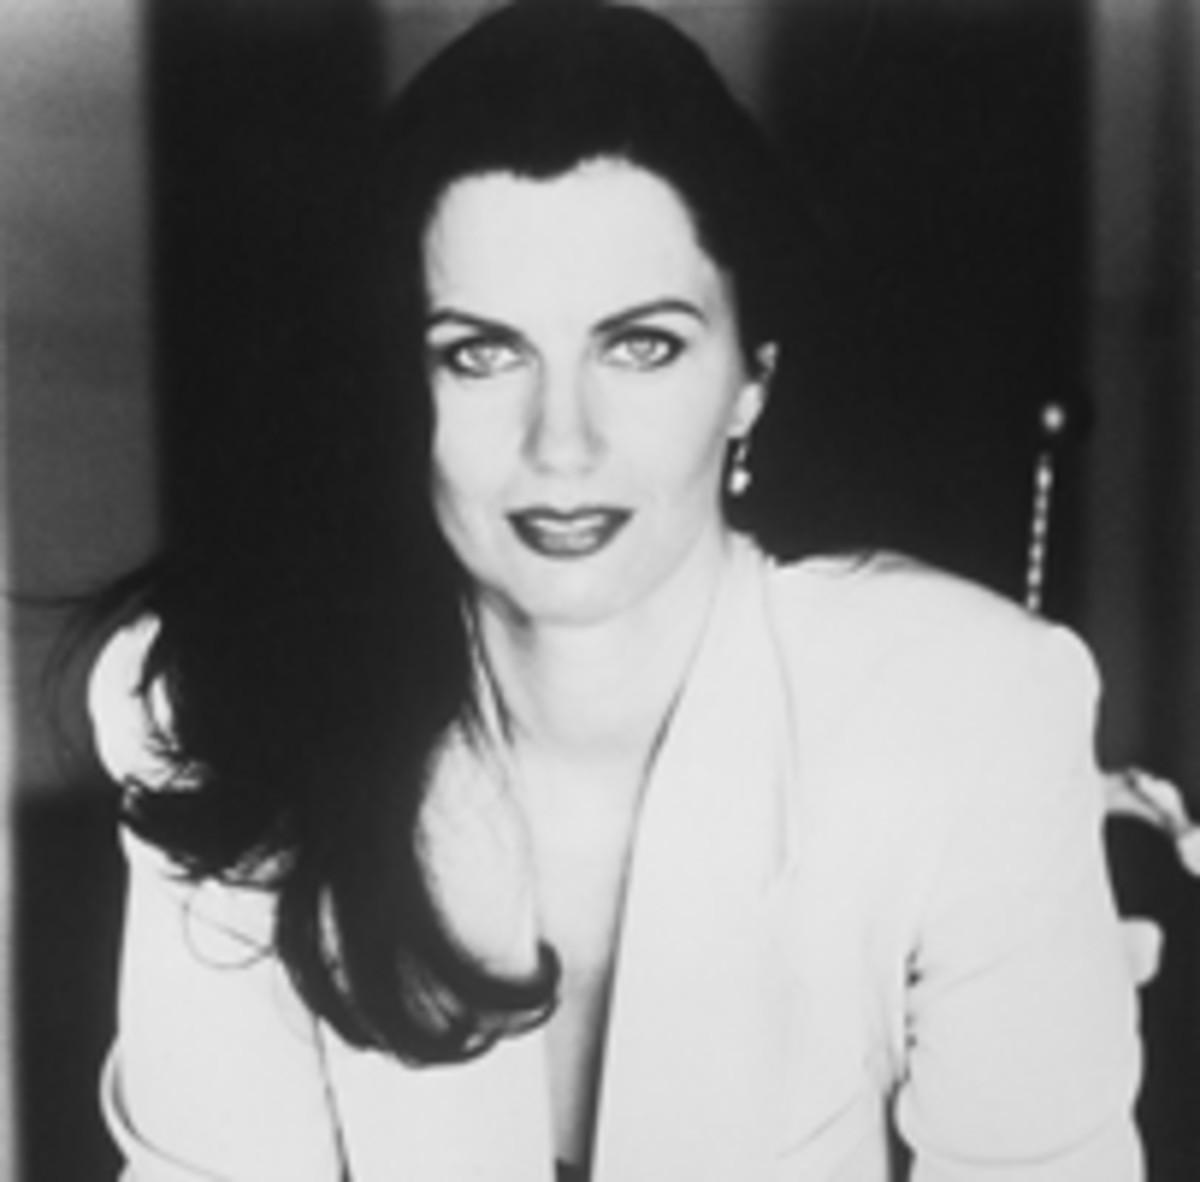 Barbara Orbison publicity image